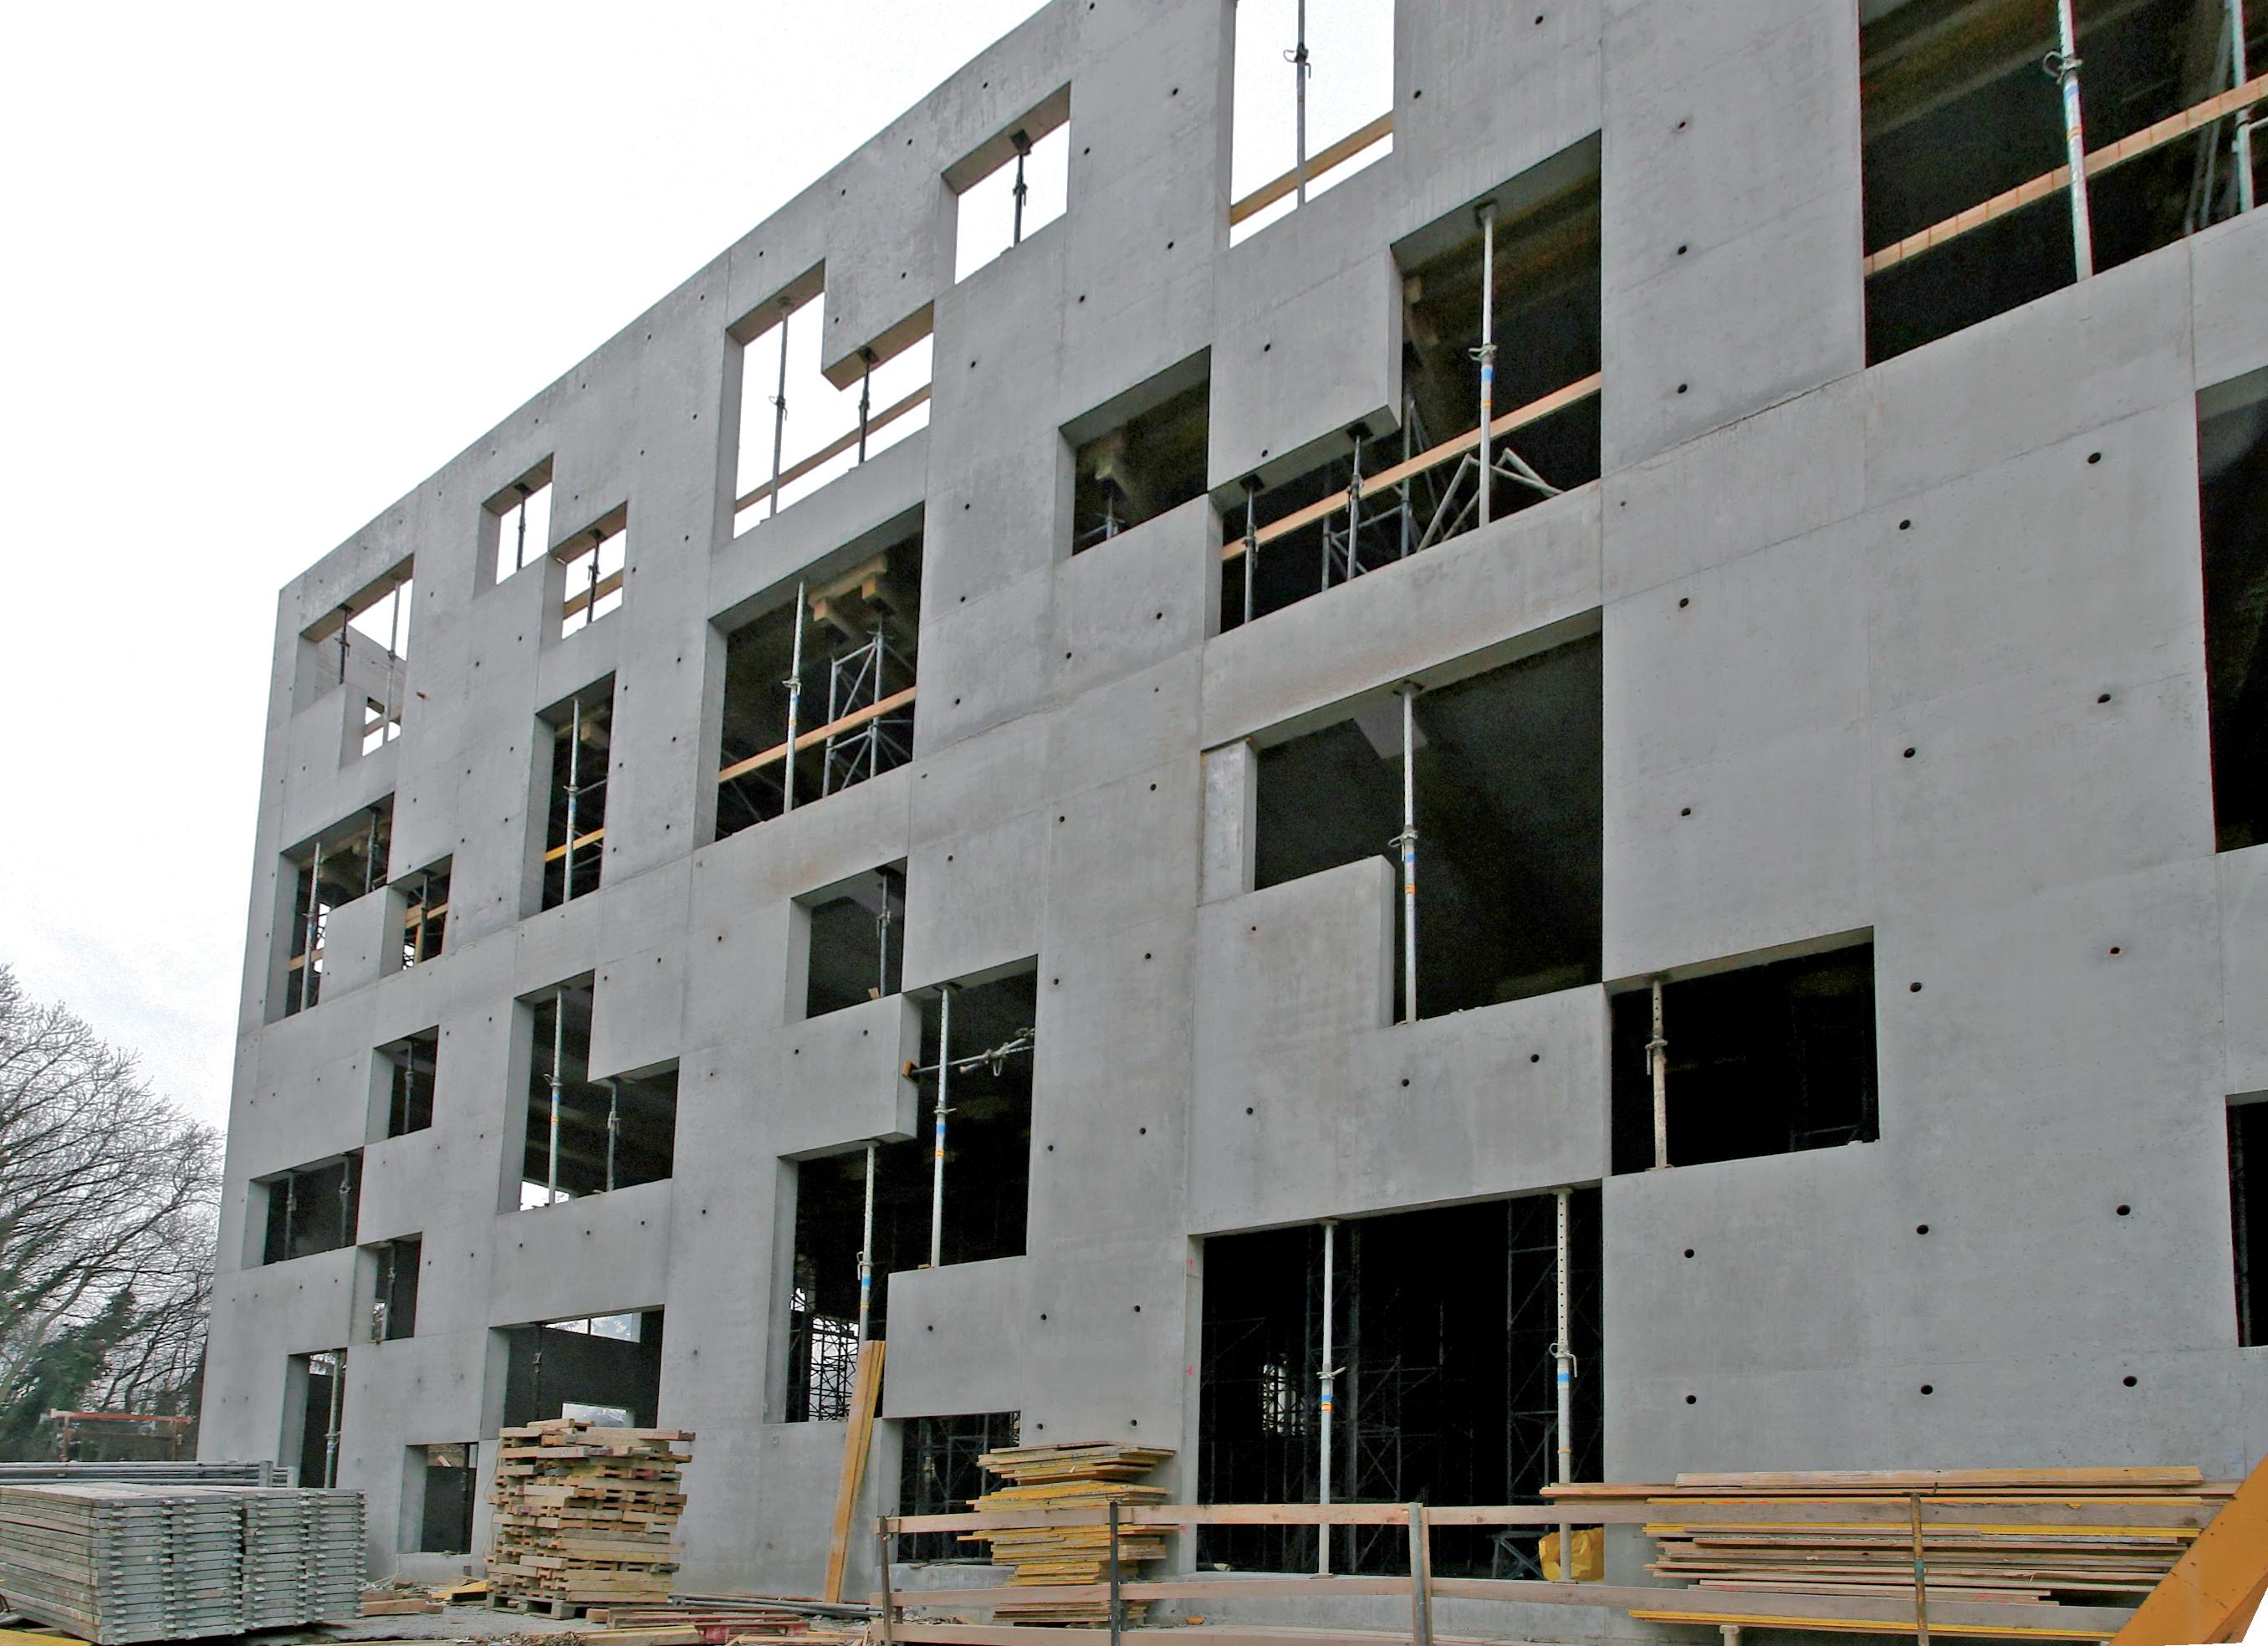 le bap a permis la realisation sans difficultes des formes complexes en reduisant les etapes de betonnage